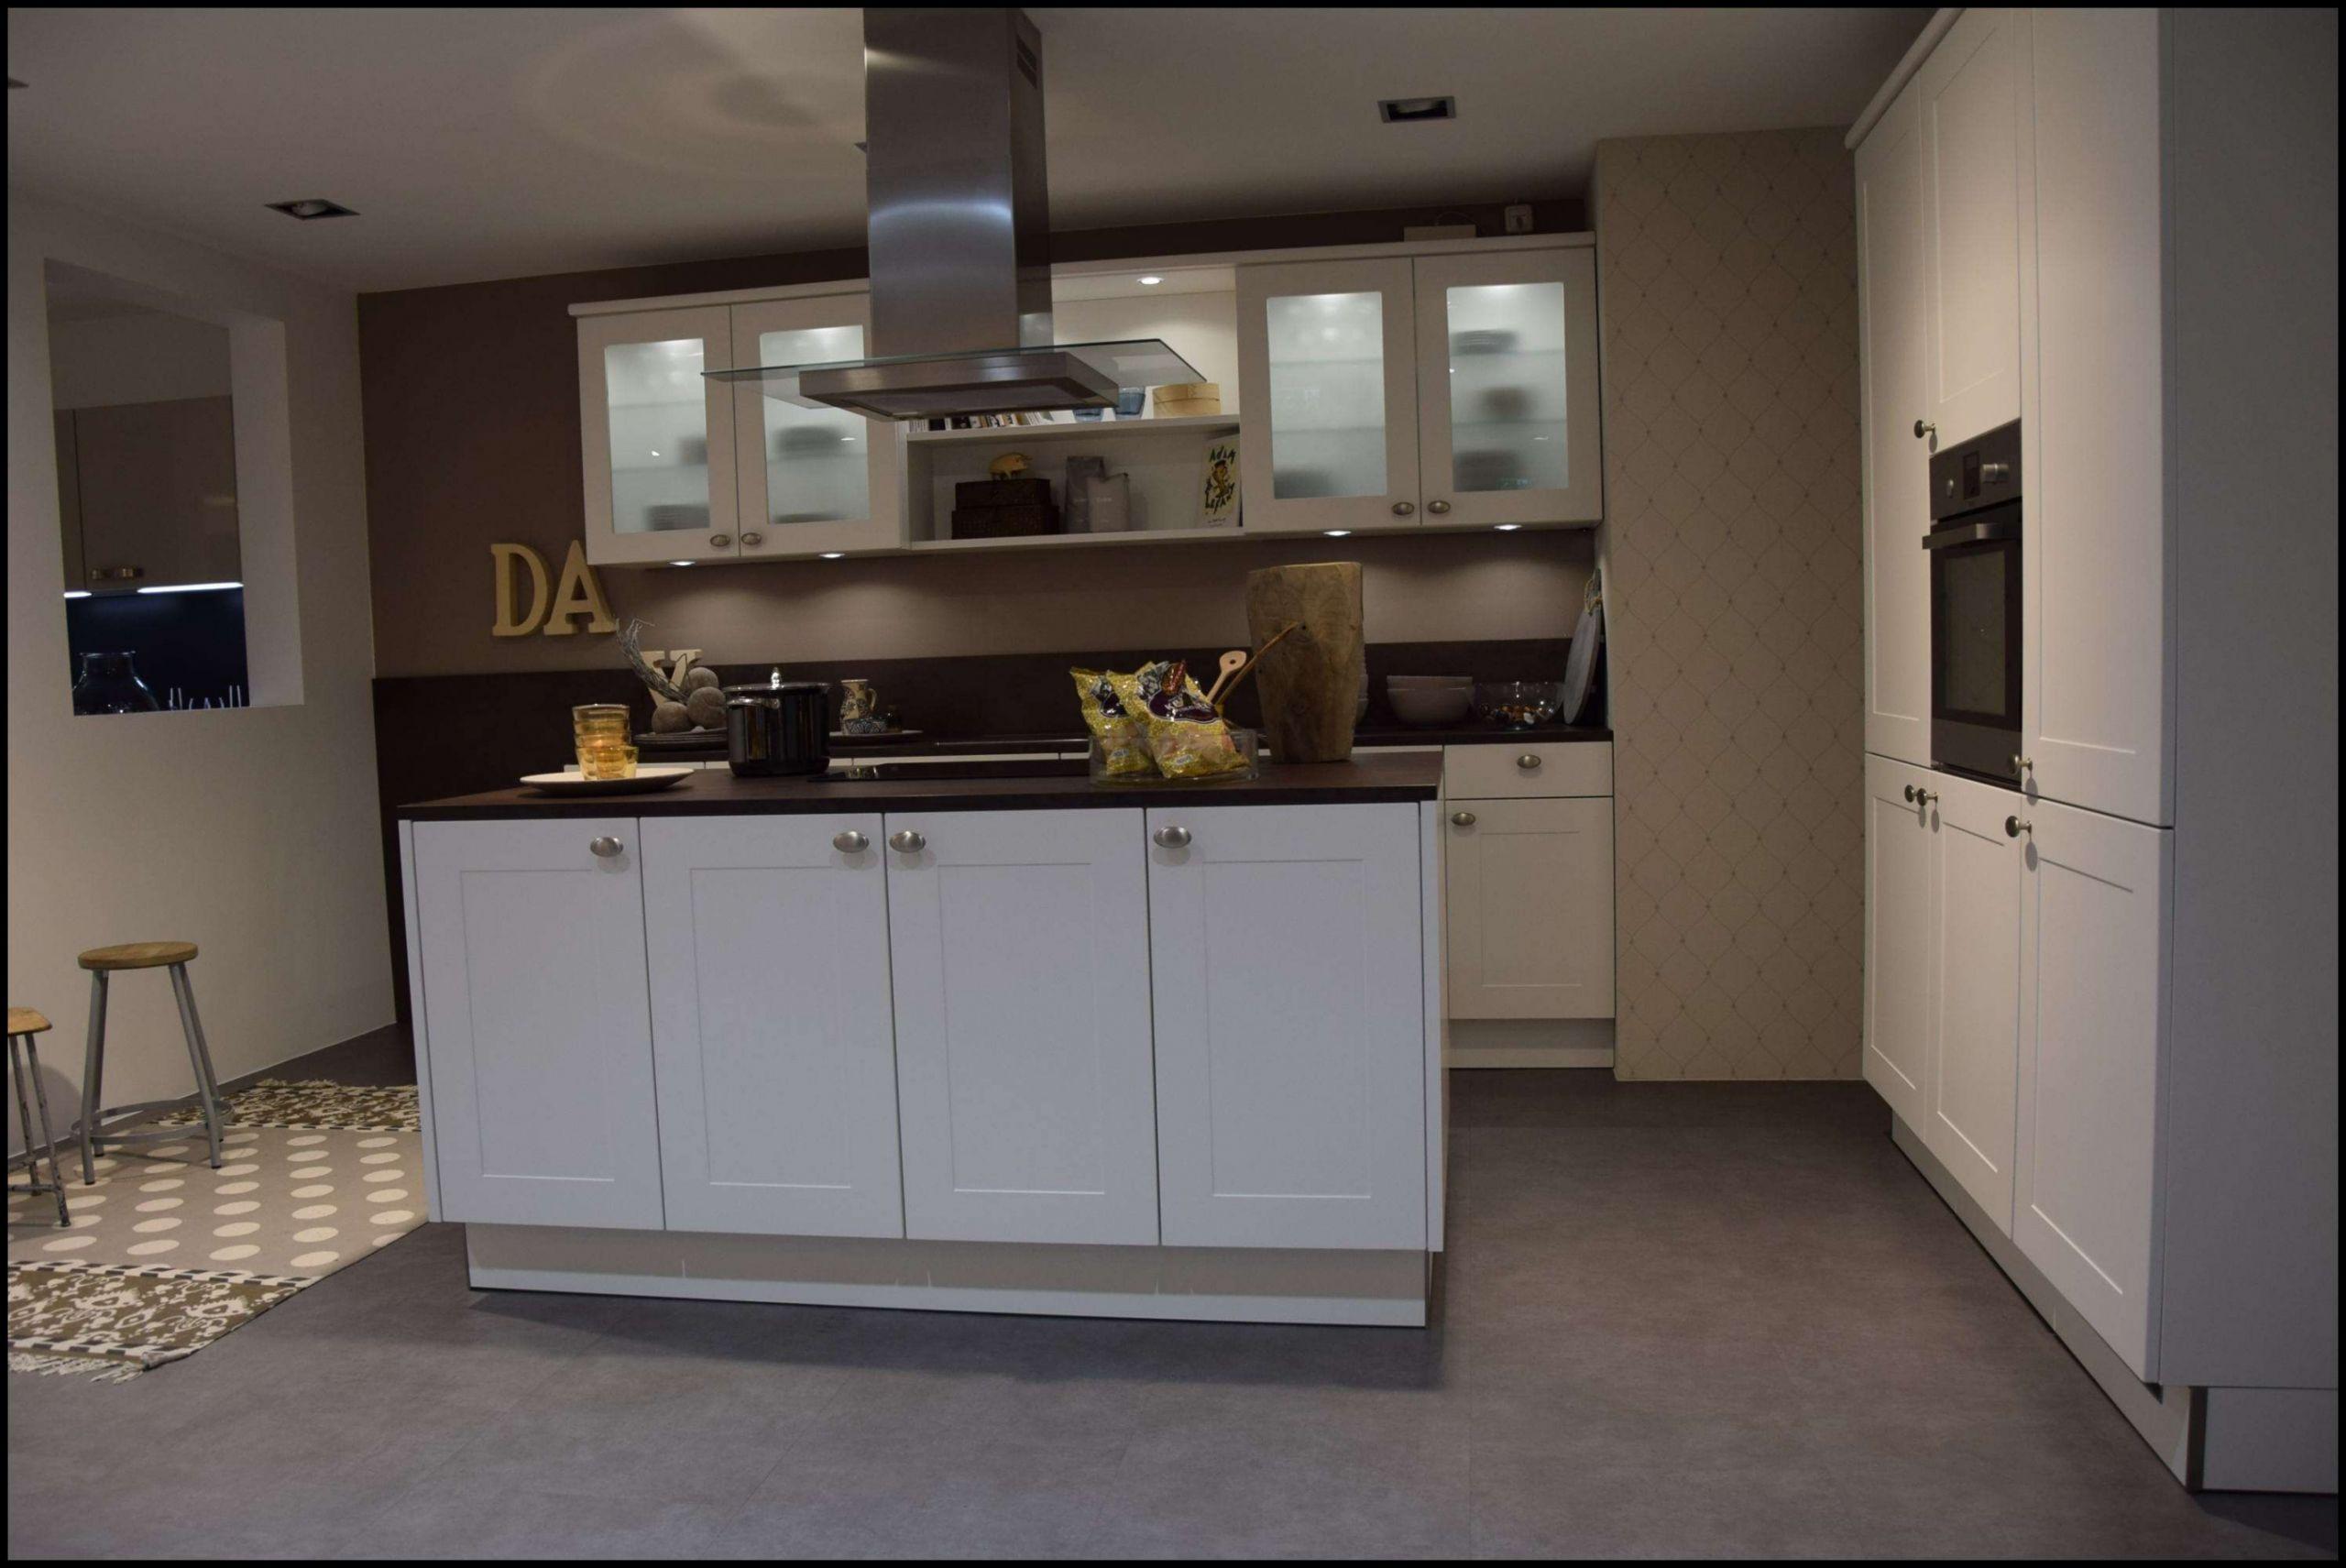 45 luxus deko ideen kuche galerie kleine kuche ideen kleine kuche ideen 1